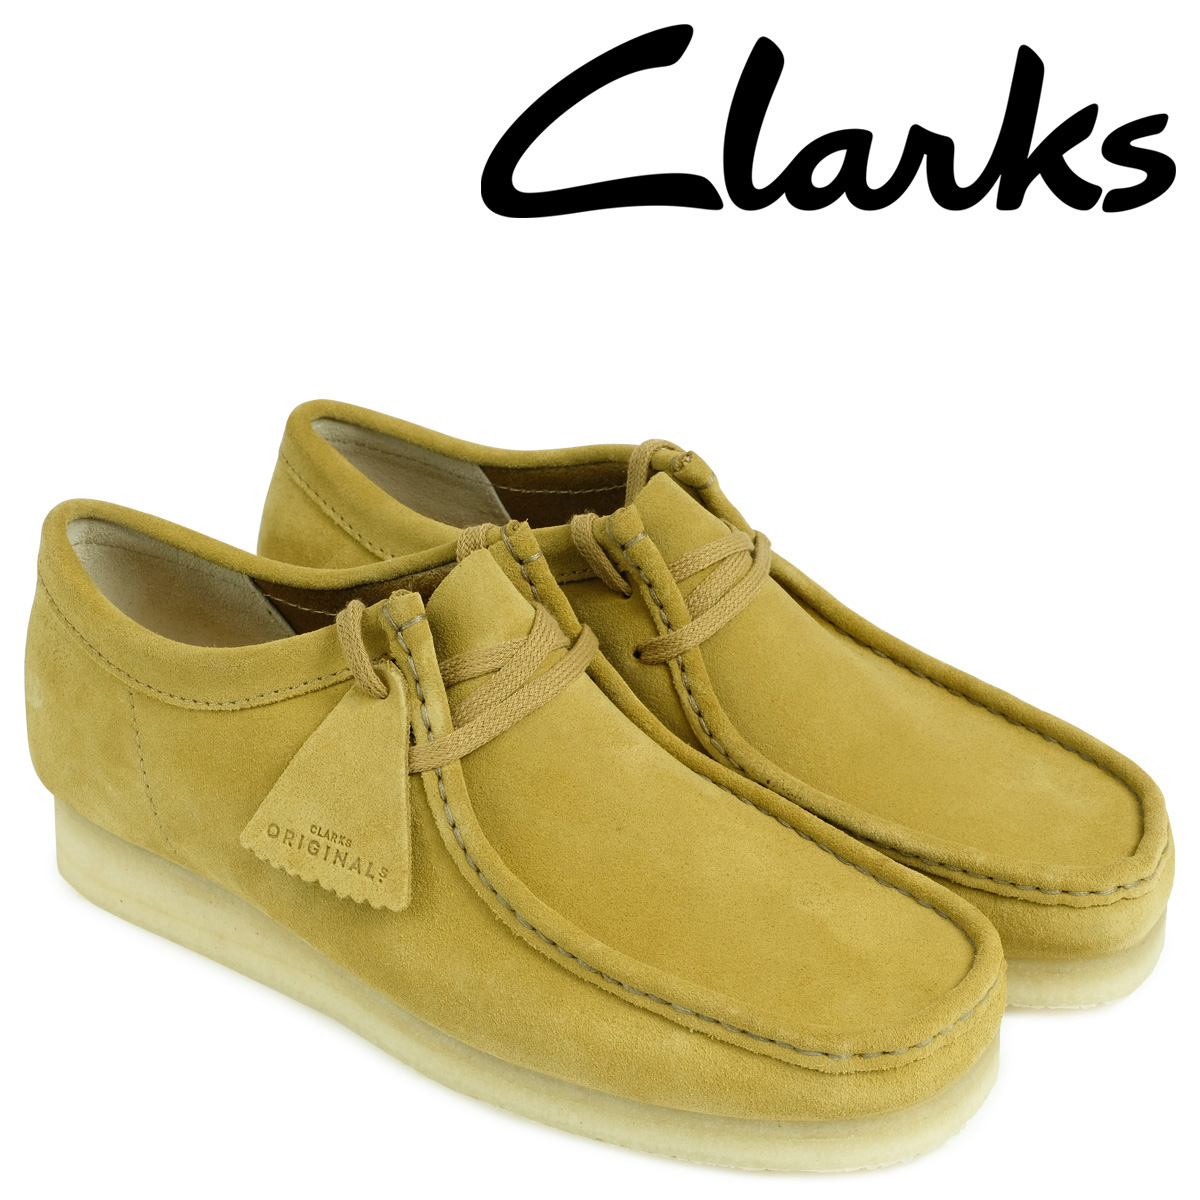 クラークス ワラビー ブーツ メンズ Clarks WALLABEE 26128360 ベージュ